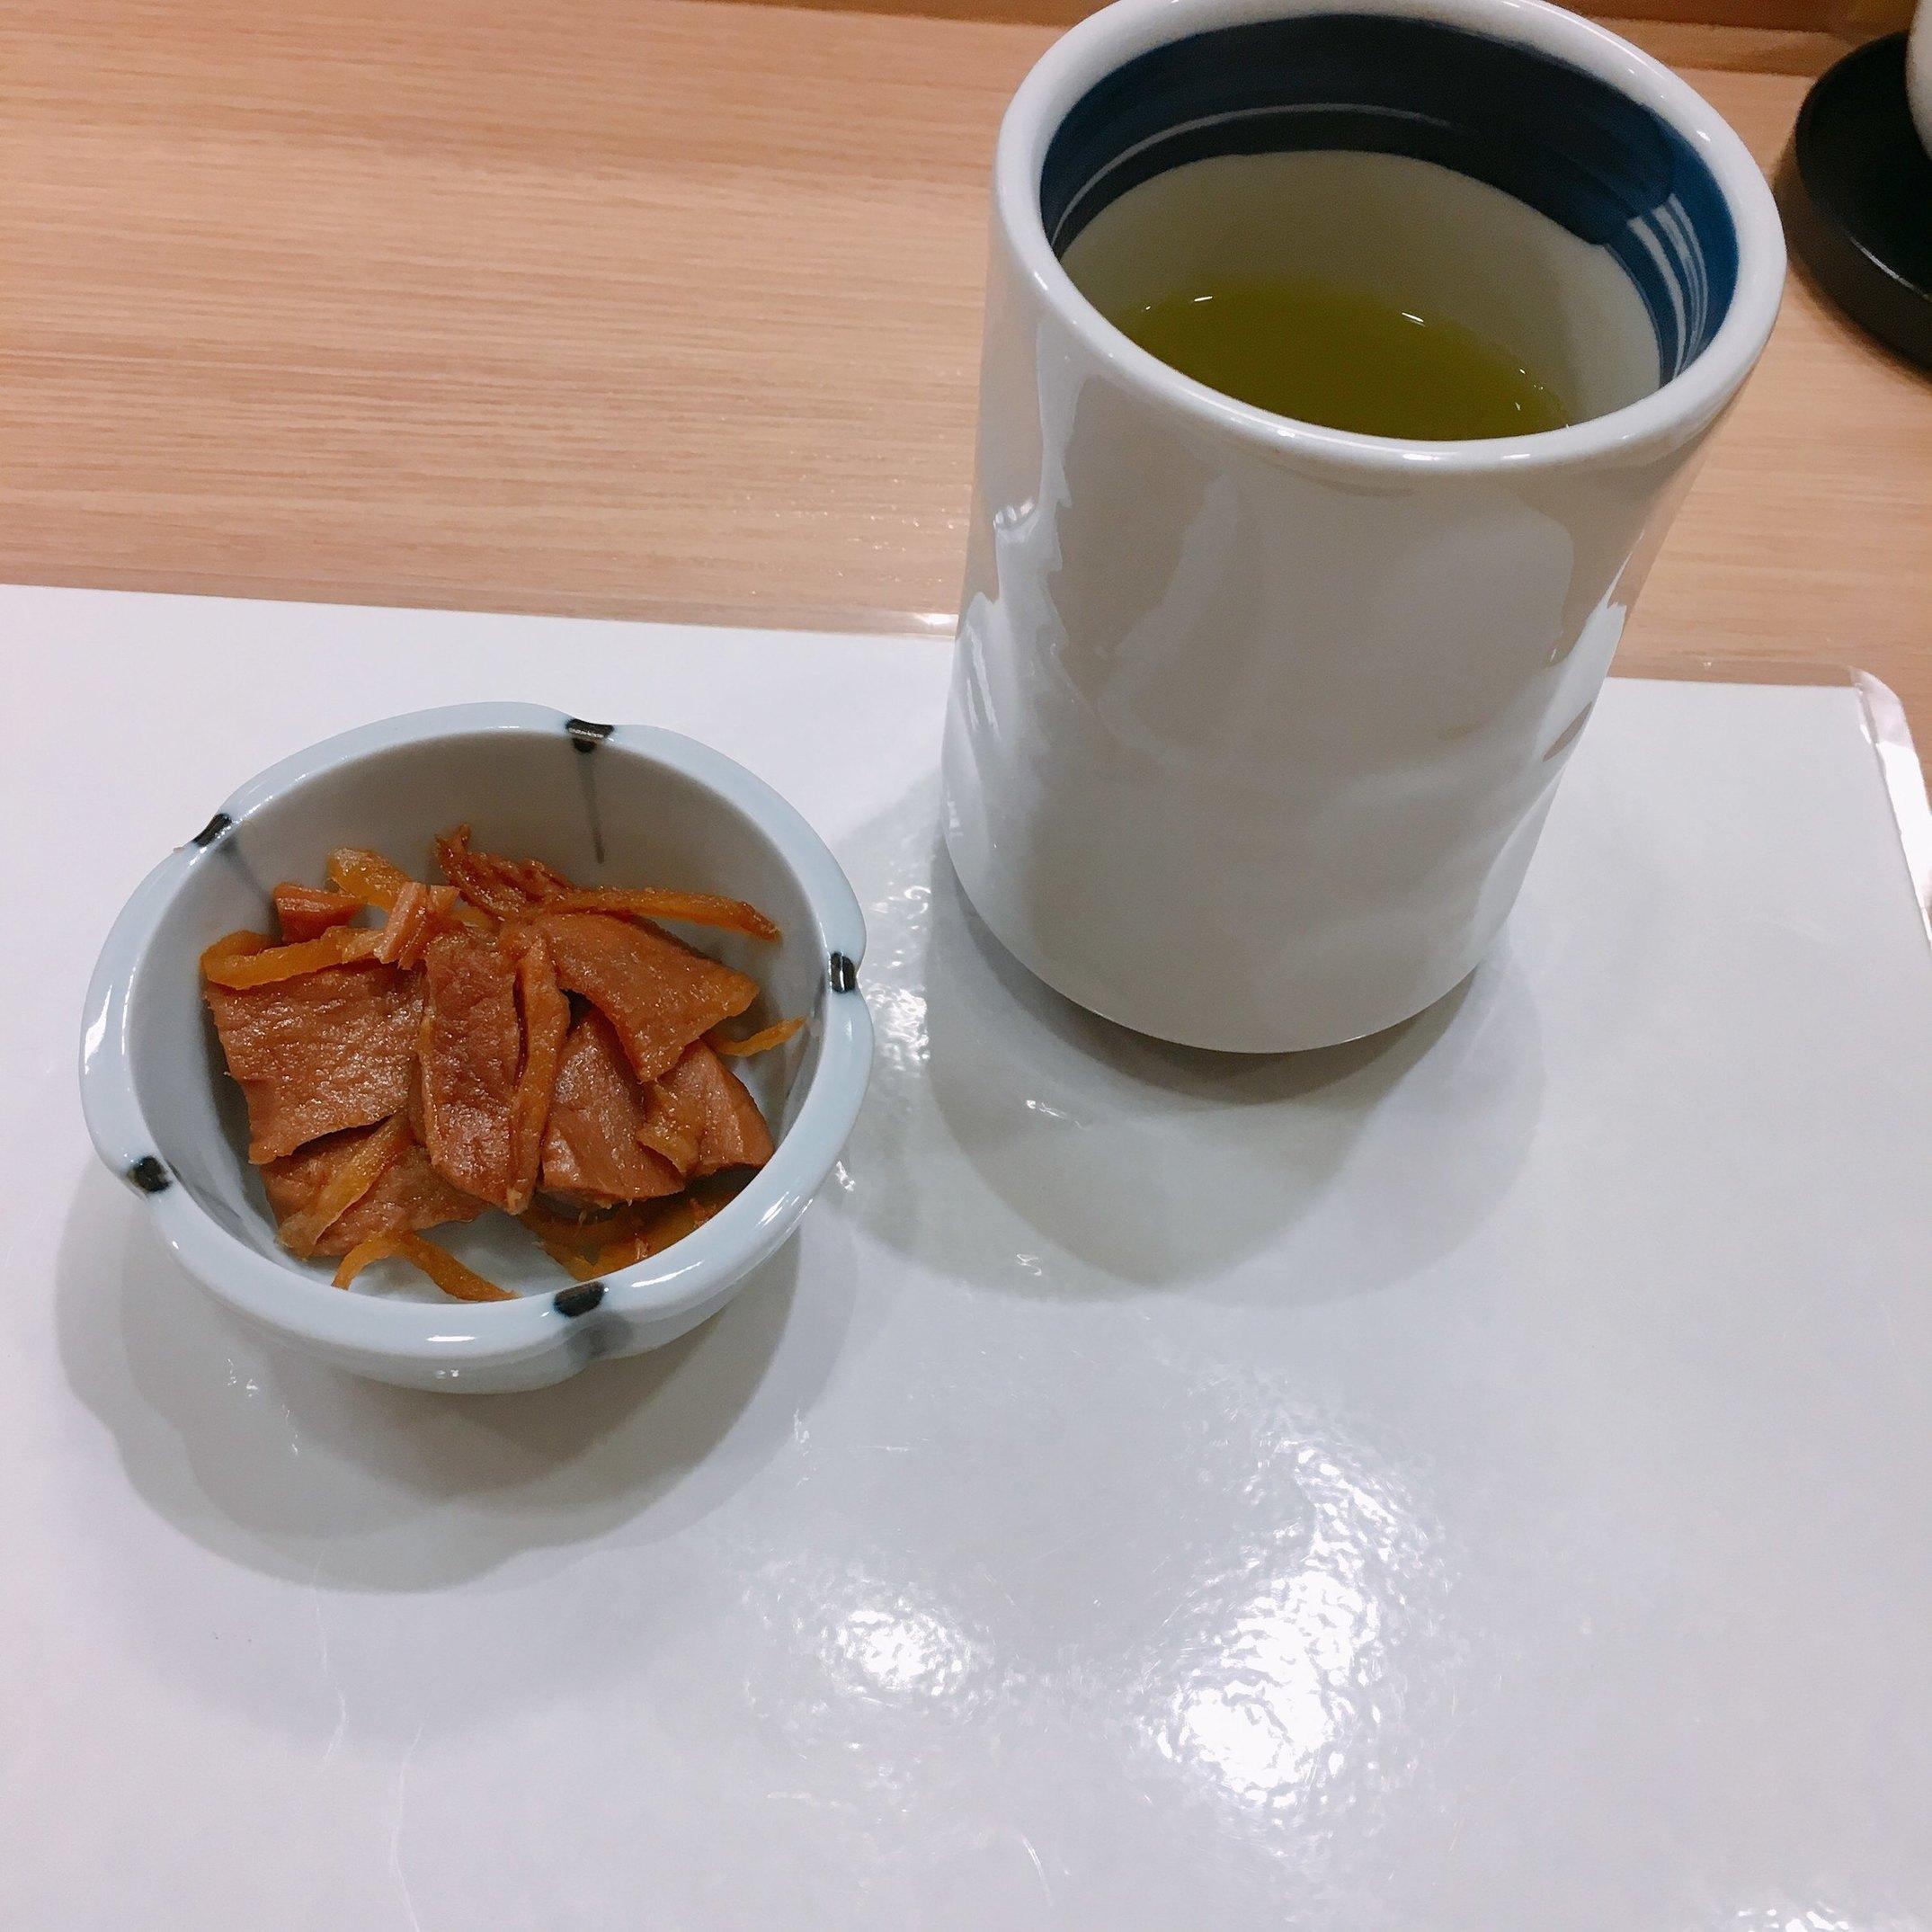 清水江戸銀 name=